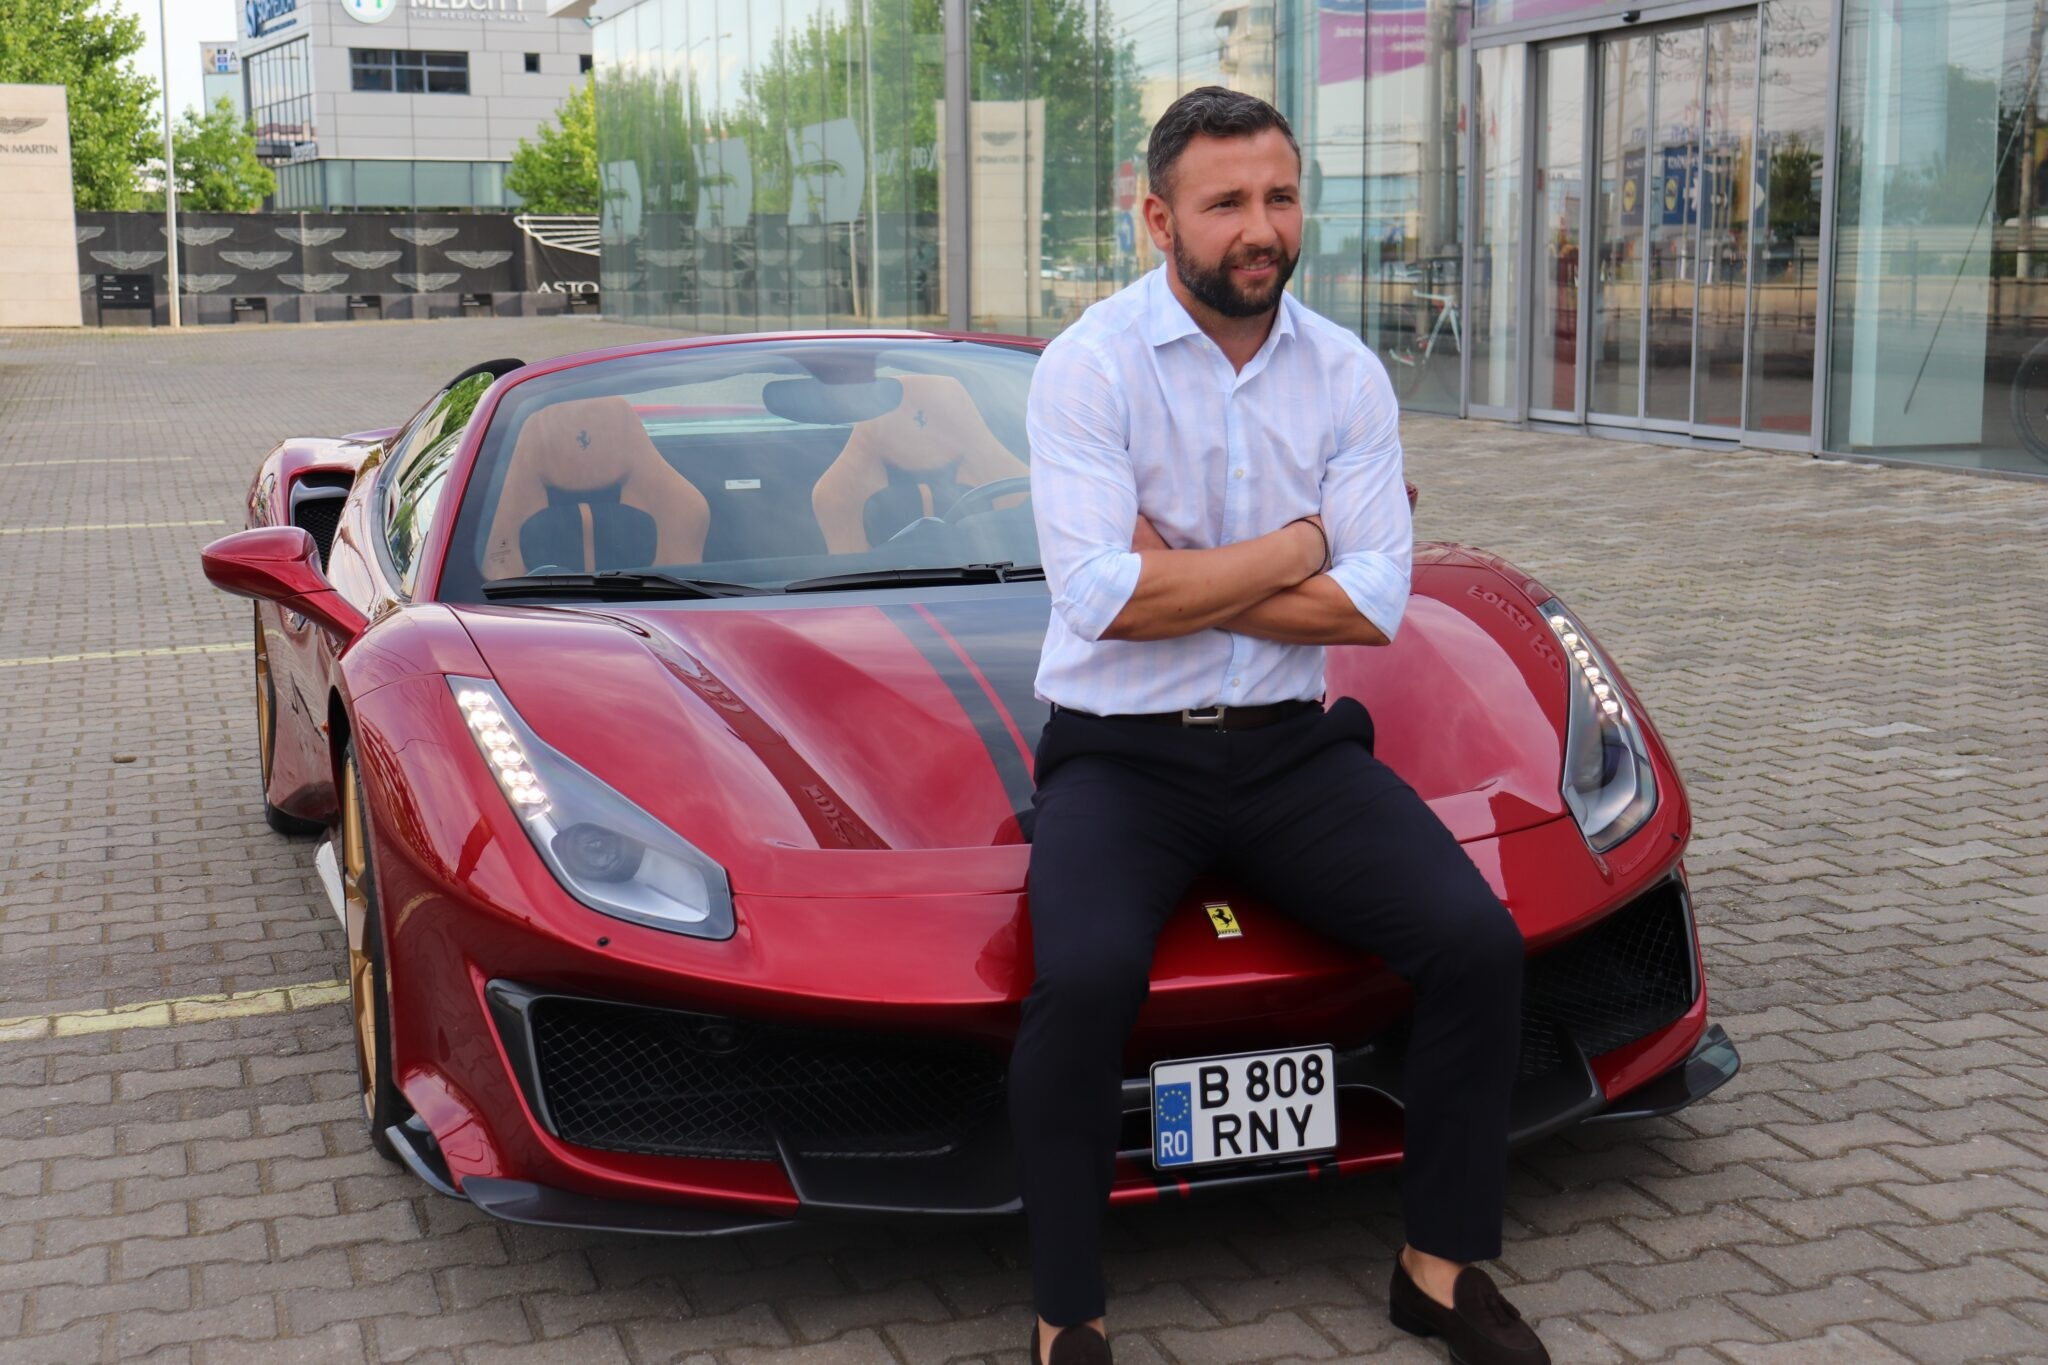 Răzvan Raţ împlineşte 40 de ani şi şi-a făcut singur un cadou exclusivist / Sursa: sportm.ro